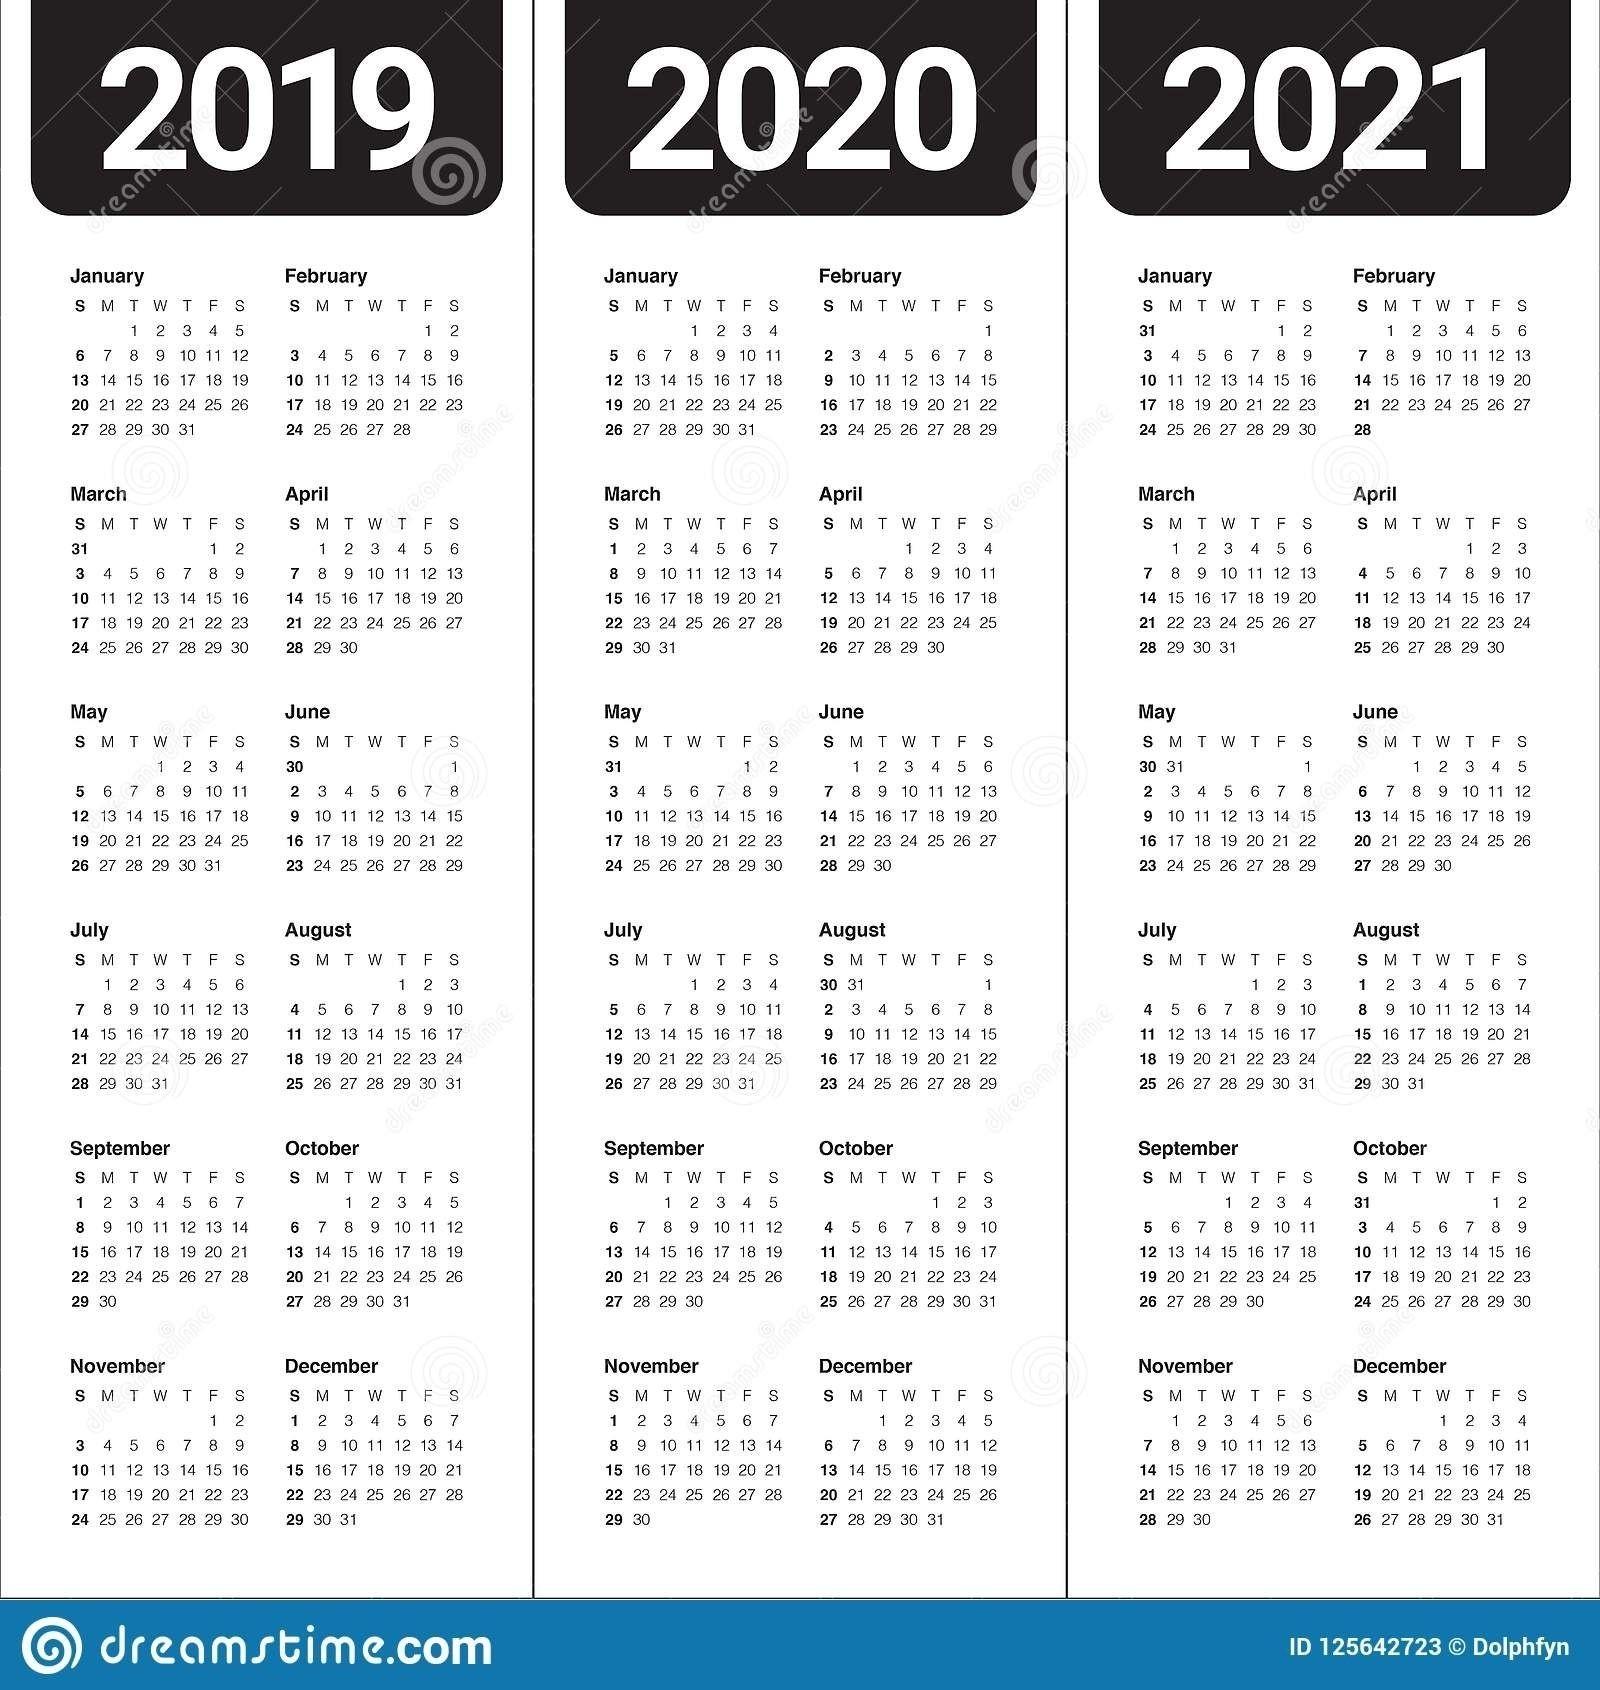 Incredible 2 Year Calendar 2020 And 2021 In 2020 | Calendar  Depo Provera Calendar 20 April 2021